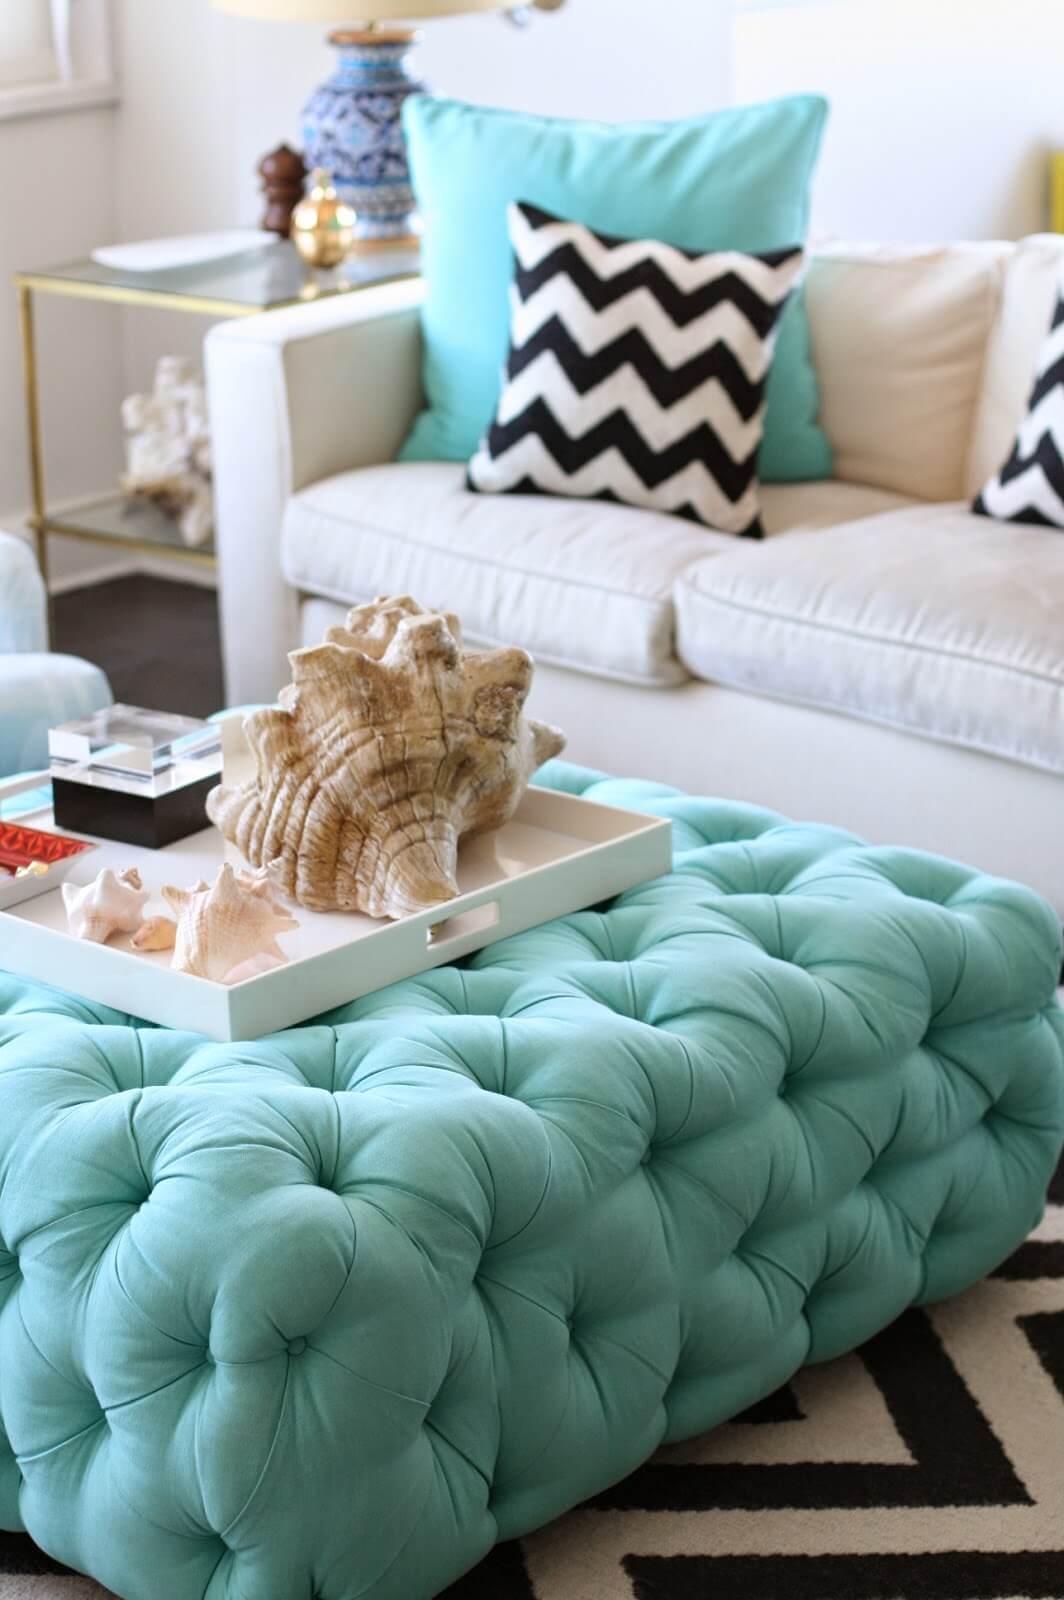 Pouf turquoise dans un espace de vie inspiré des coquillages